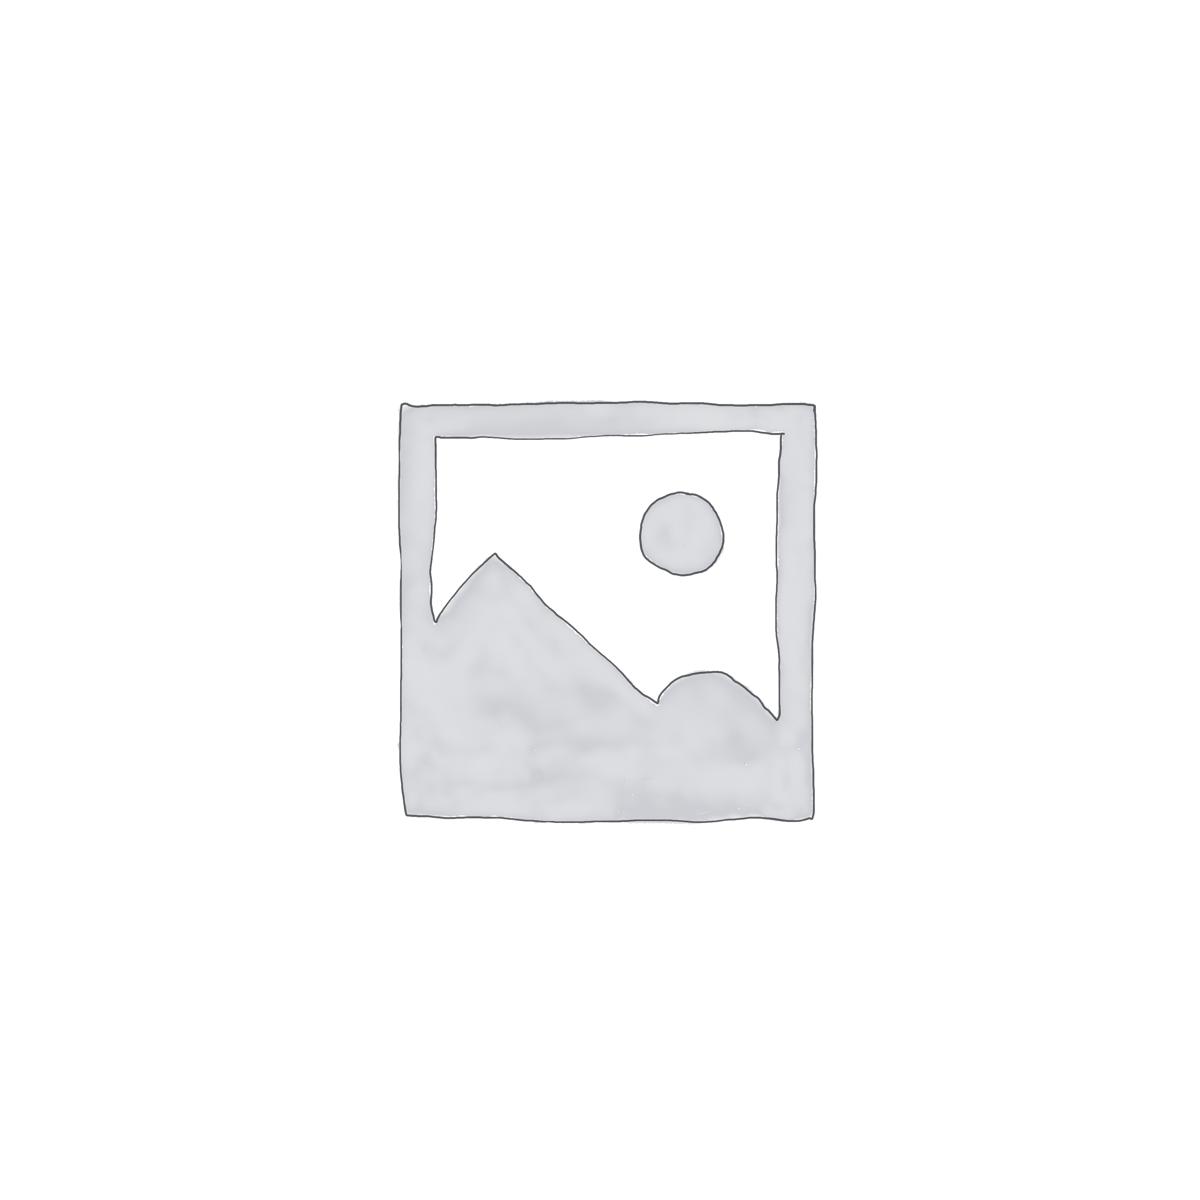 Cream Peony Floral Wallpaper Mural